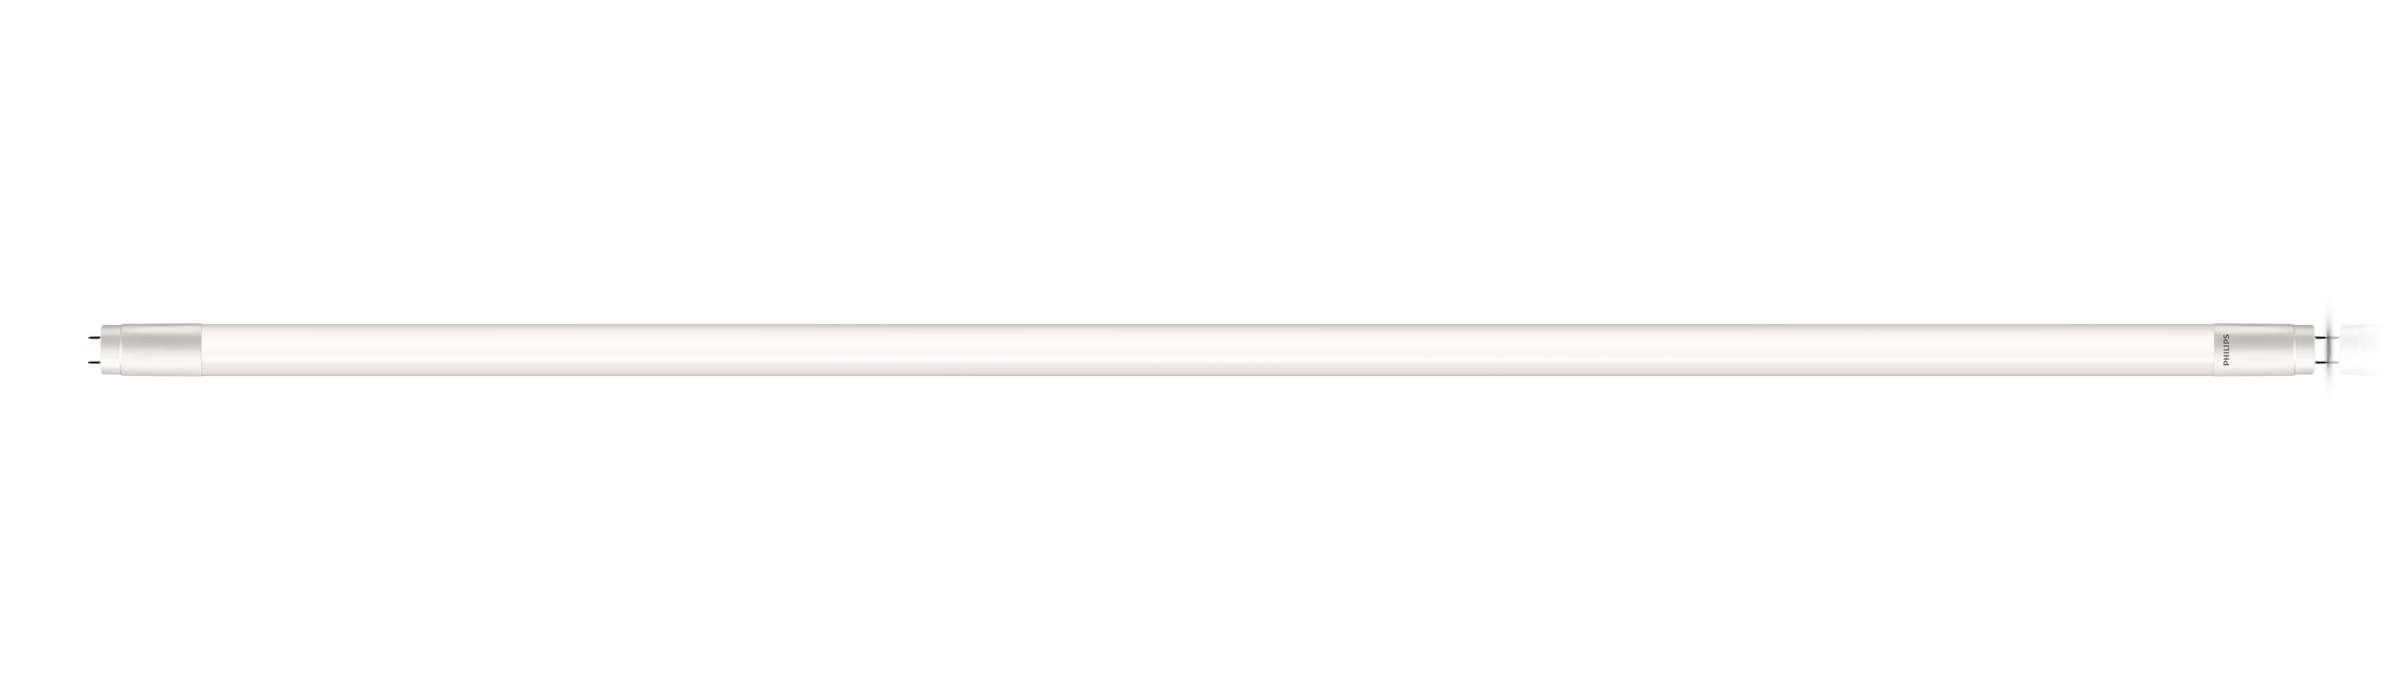 Trwałe oświetlenie zadaniowe o wysokiej jakości światła